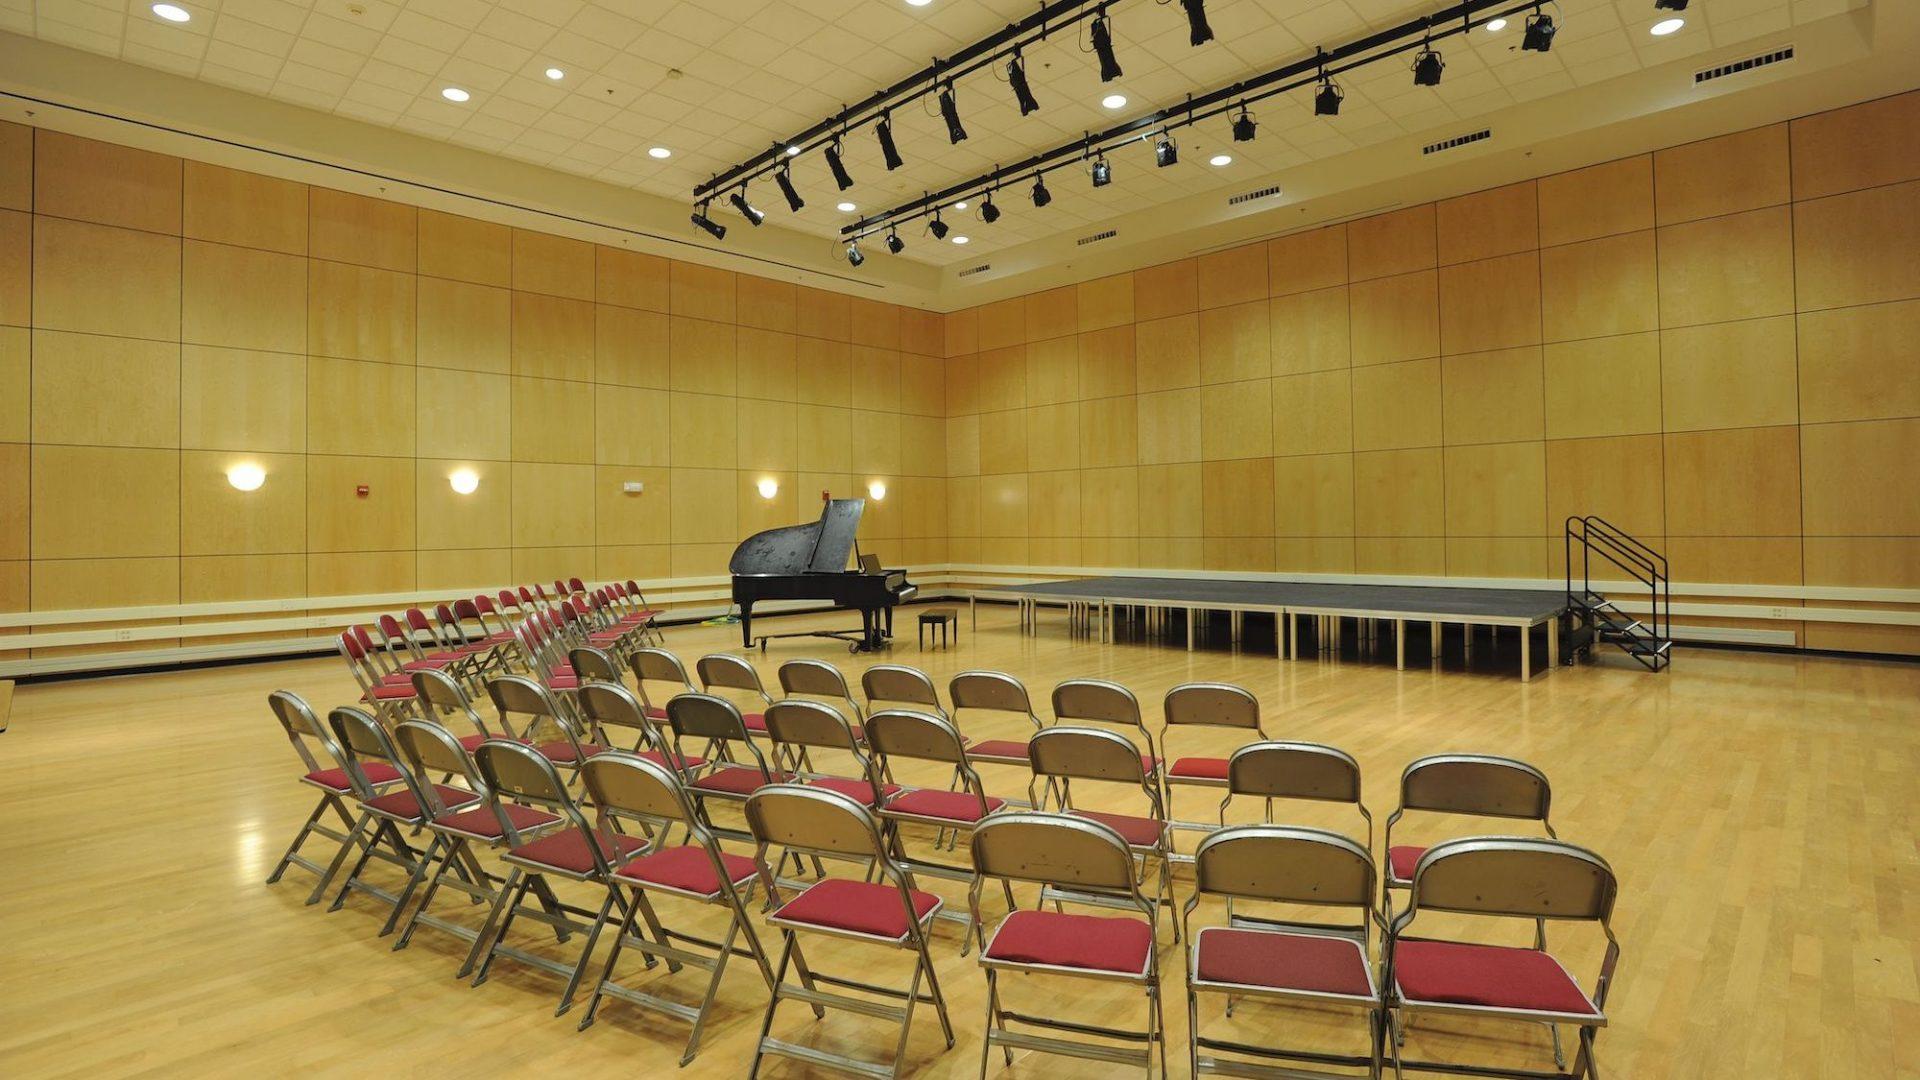 Fine Arts Music Auditorium